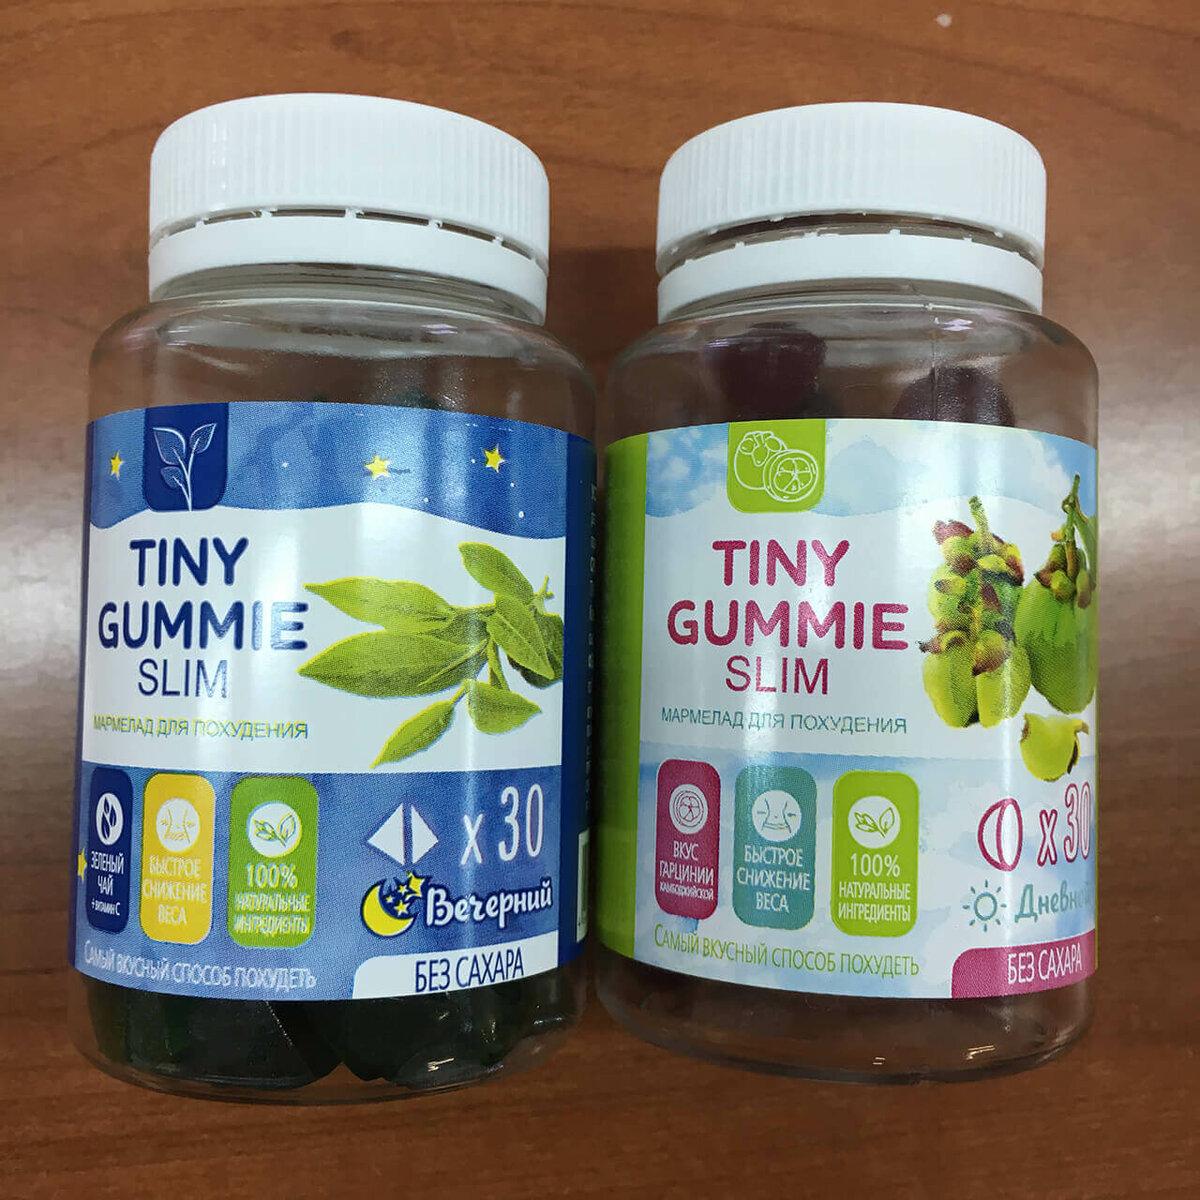 Мармелад для похудения Tiny Gummy Slim в СтаромОсколе